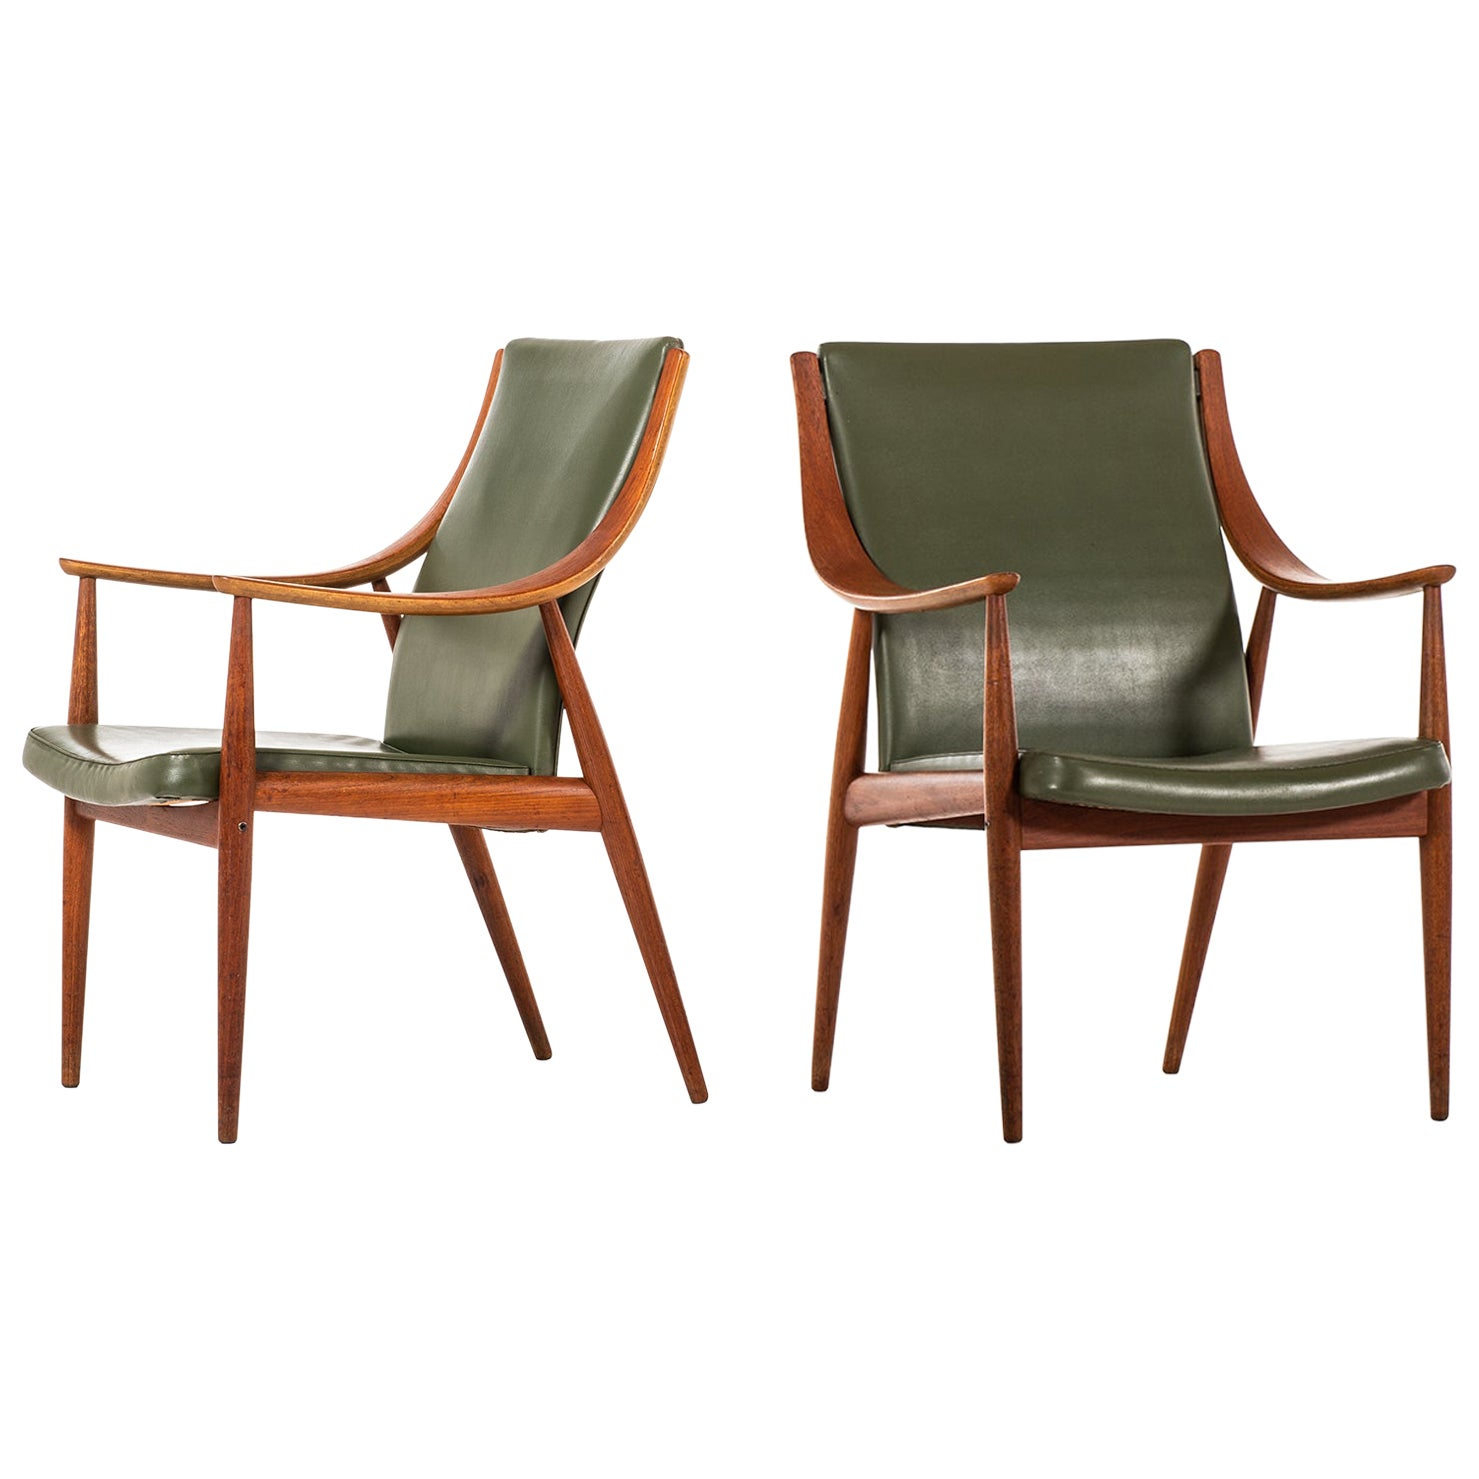 Peter Hvidt & Orla Mølgaard-Nielsen Easy Chairs by France & Son in Denmark